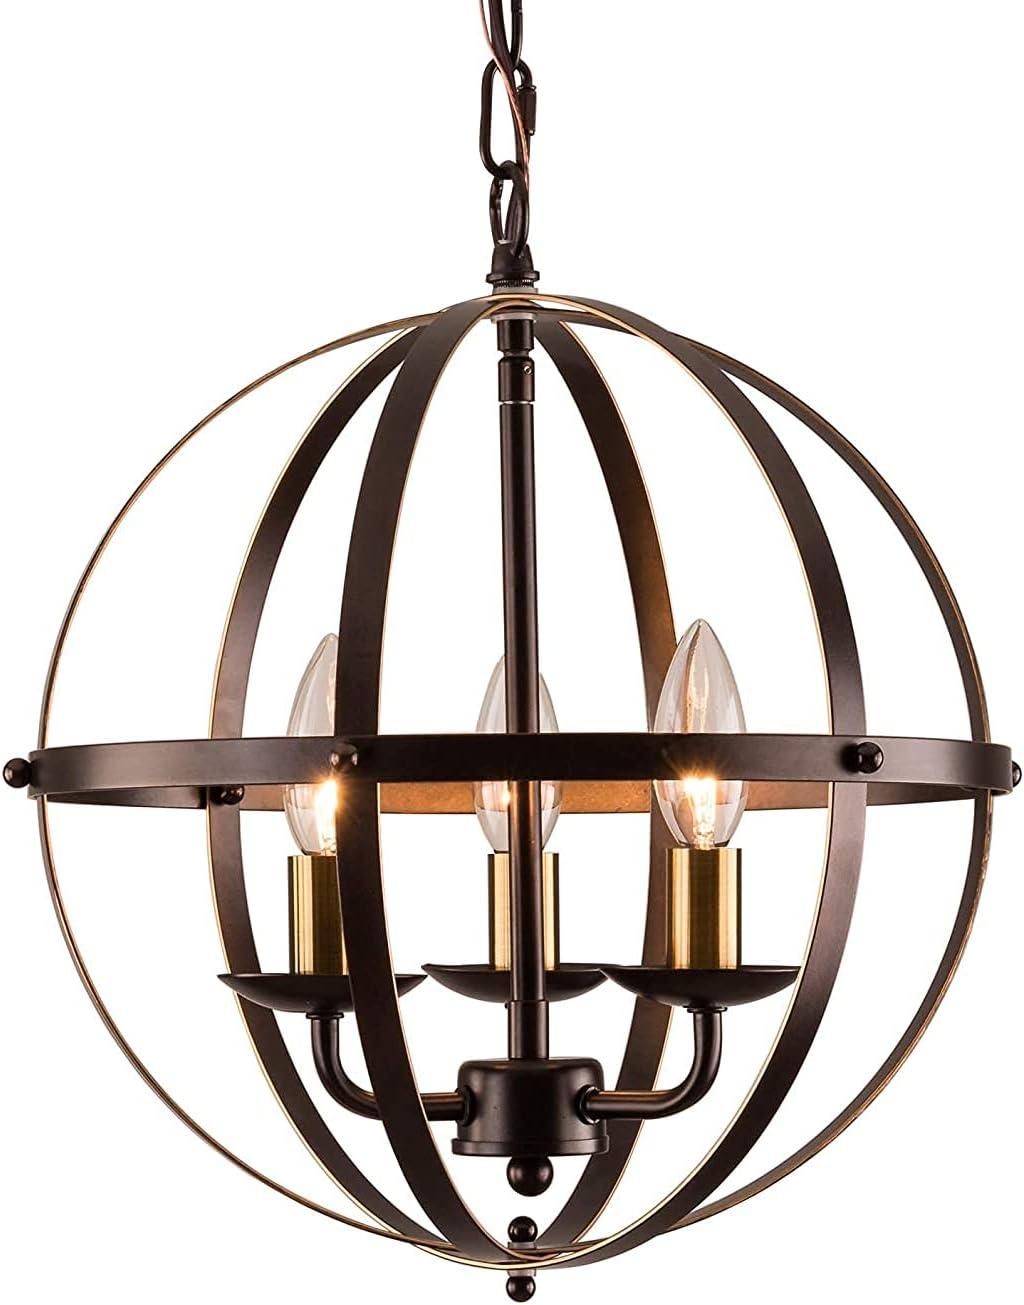 MOOK Industrial Globe Chandeliers Bronze Light Metal Max 51% OFF Ranking TOP1 Chandelier